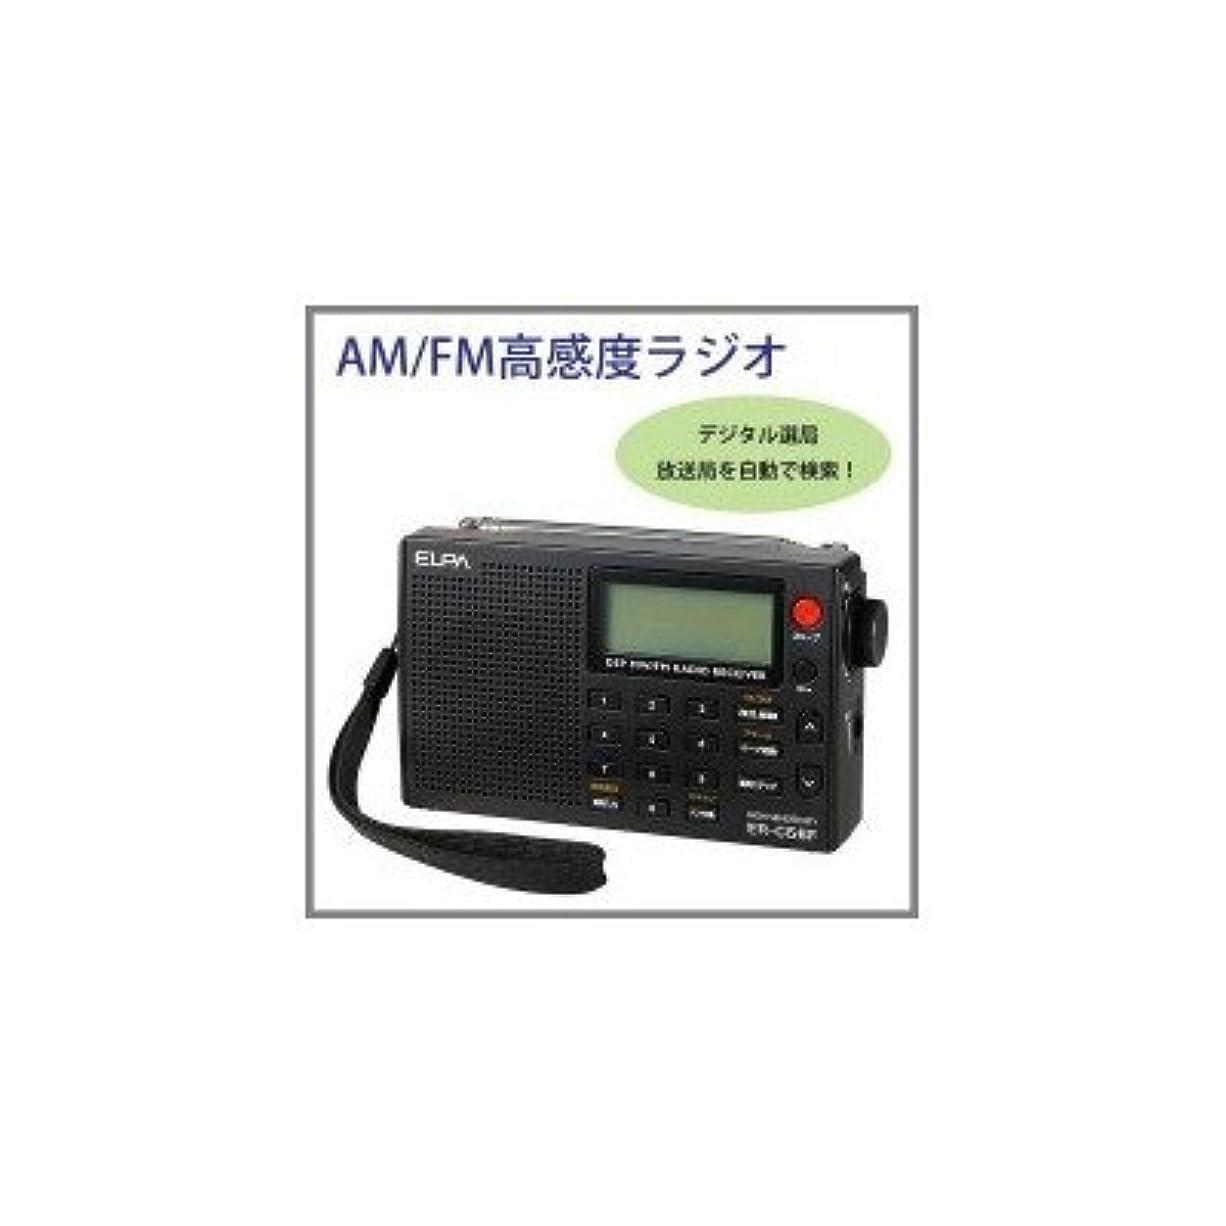 美容師アナロジーレジデンスELPA(エルパ) AM/FM高感度ラジオ ER-C56F 1807500 デジタル選局 放送局を自動で検索